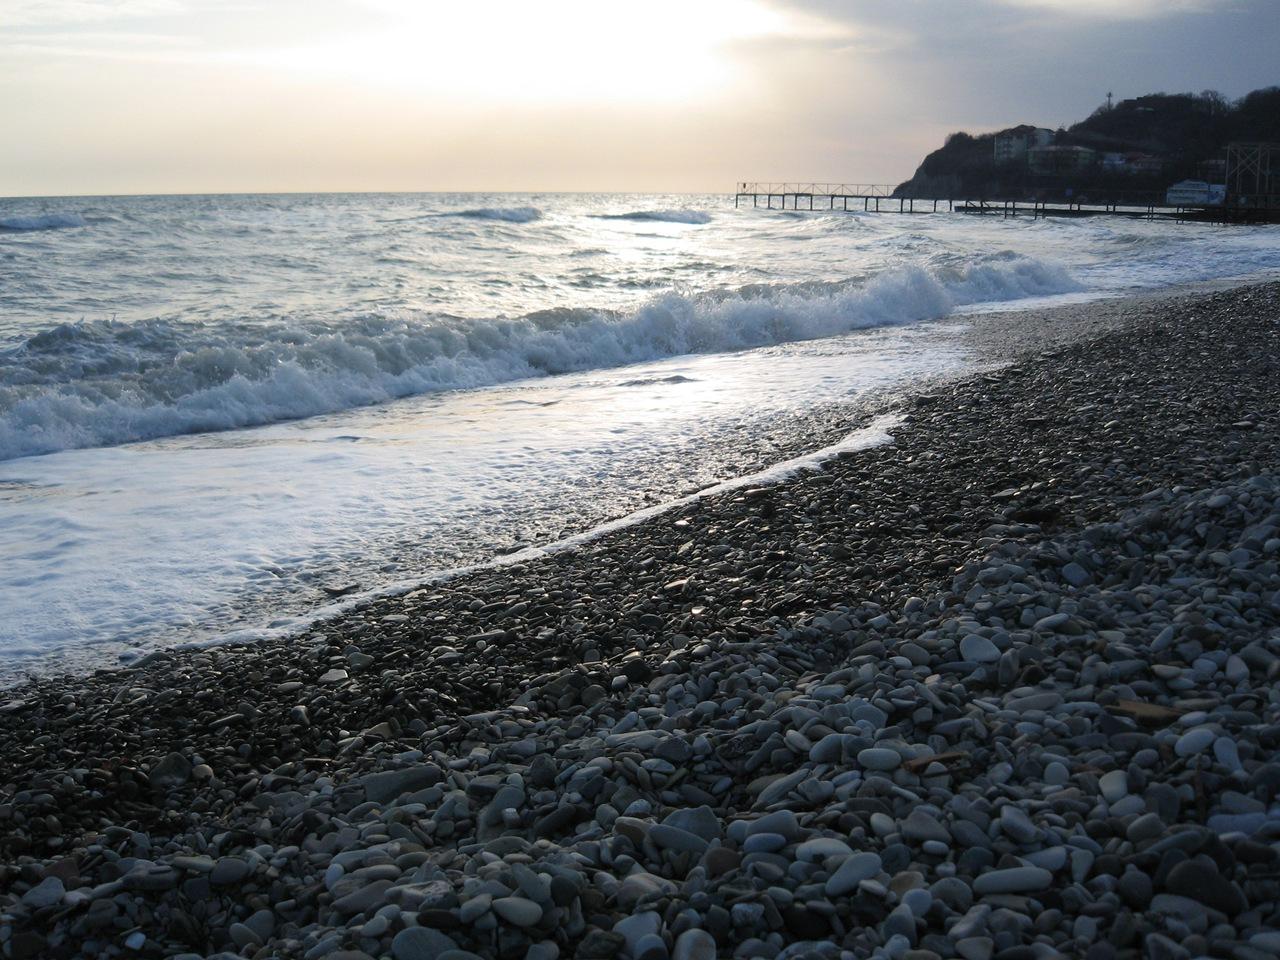 море... до боли красиво